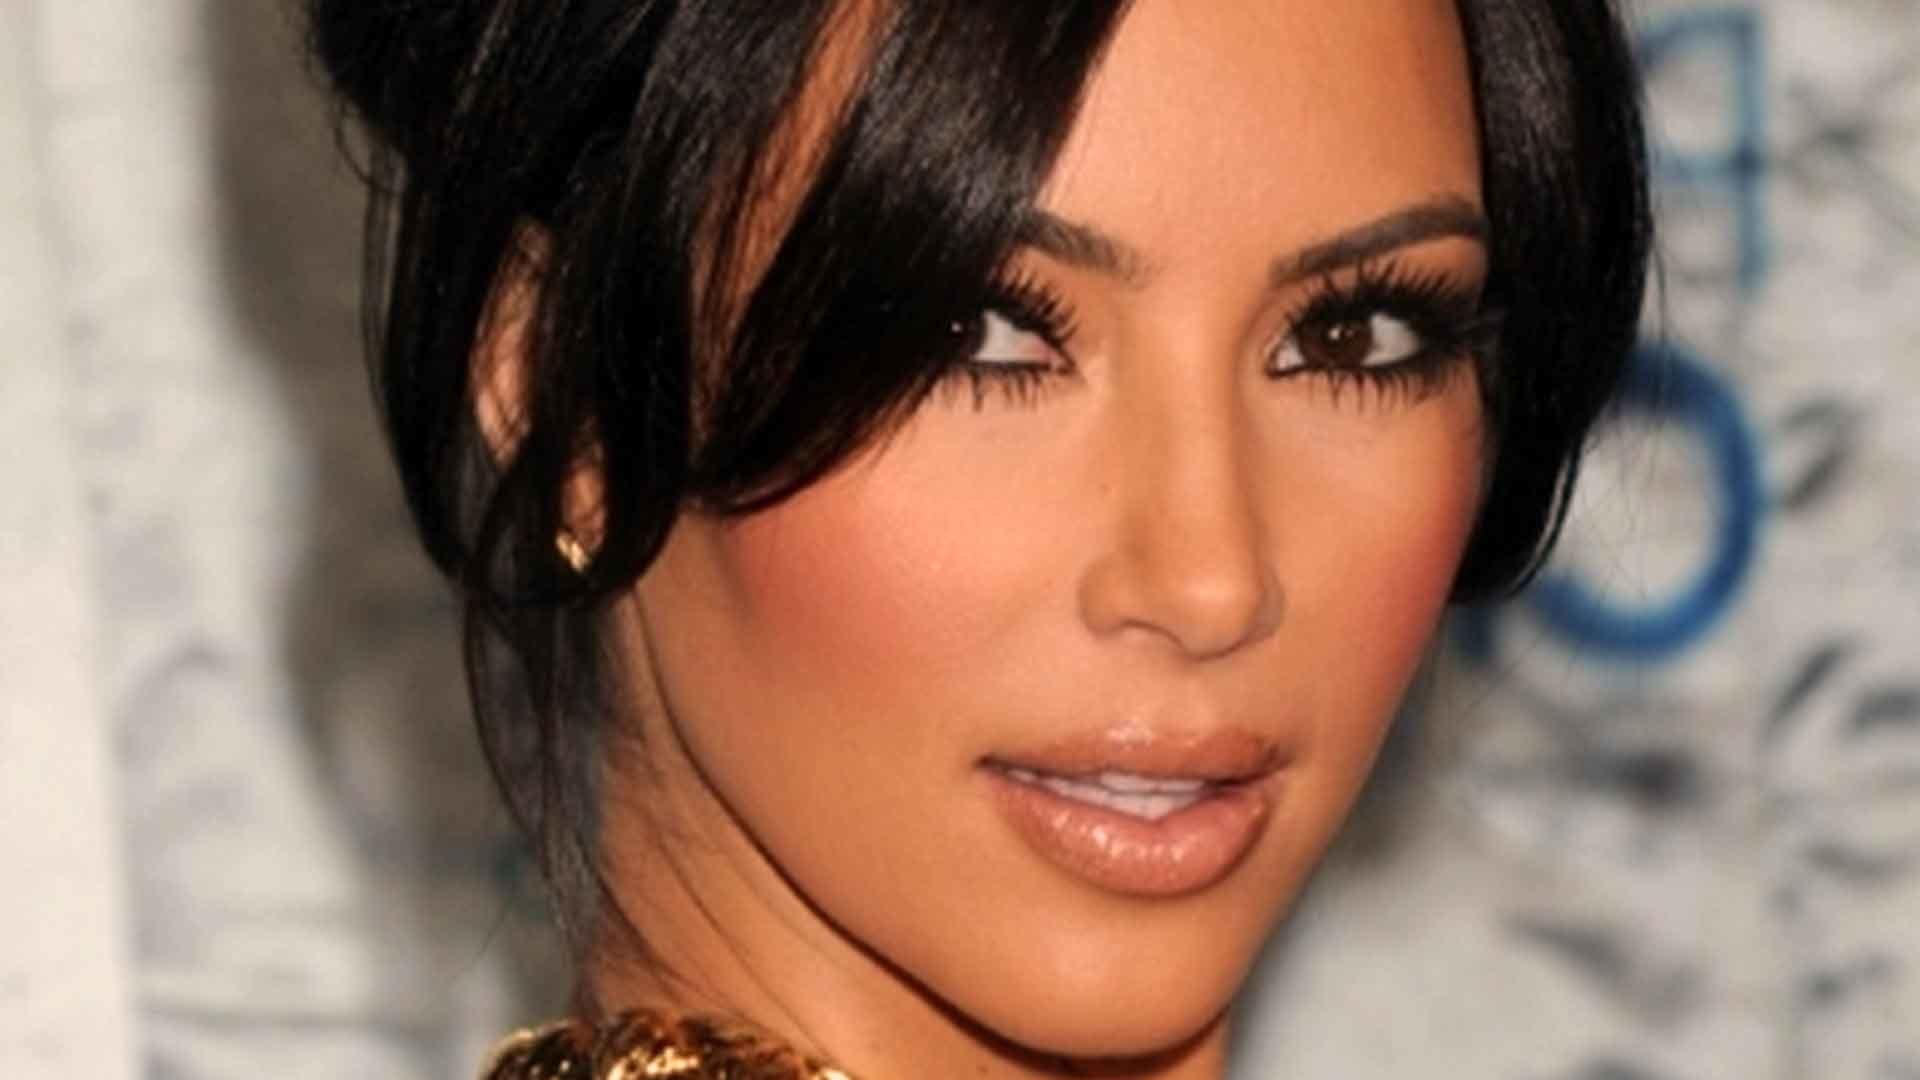 Kim Kardashian Full HD Wallpapers 54 images